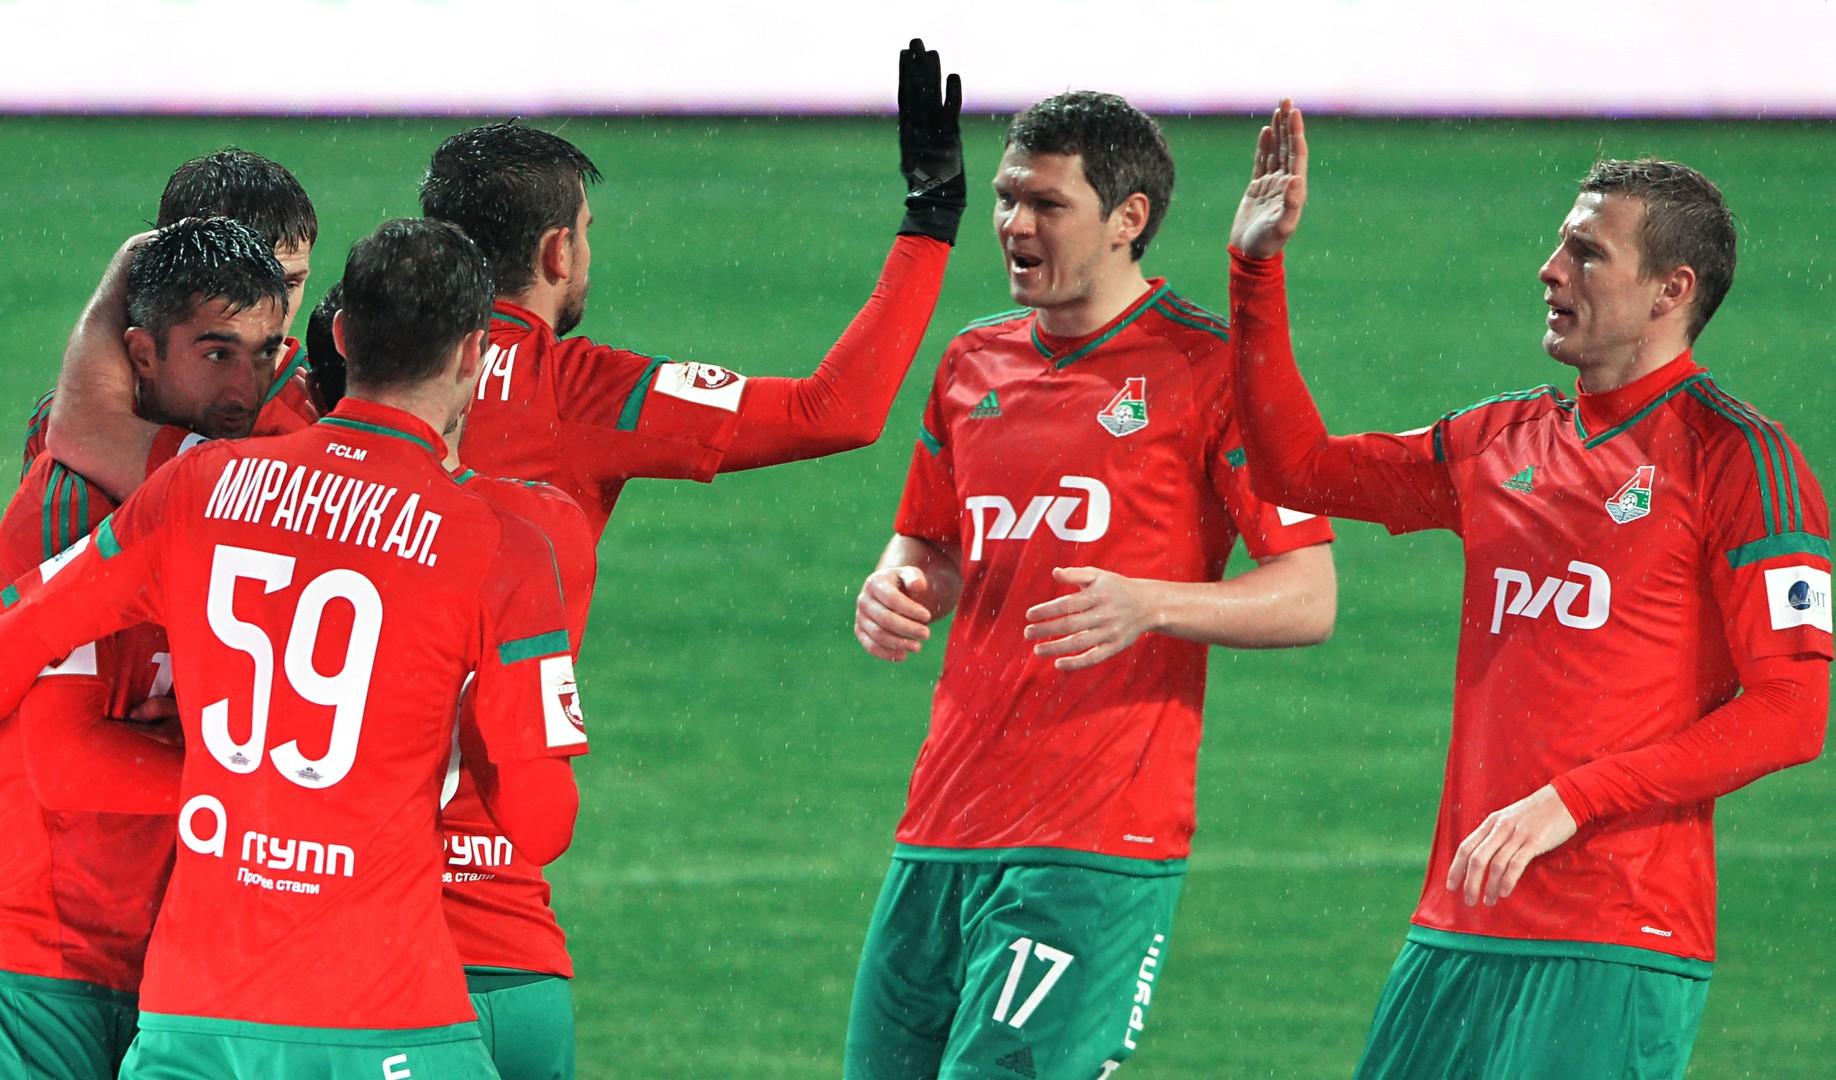 Fussball: Entscheidung um Meistertitel in der Russischen Premjer Liga rückt näher